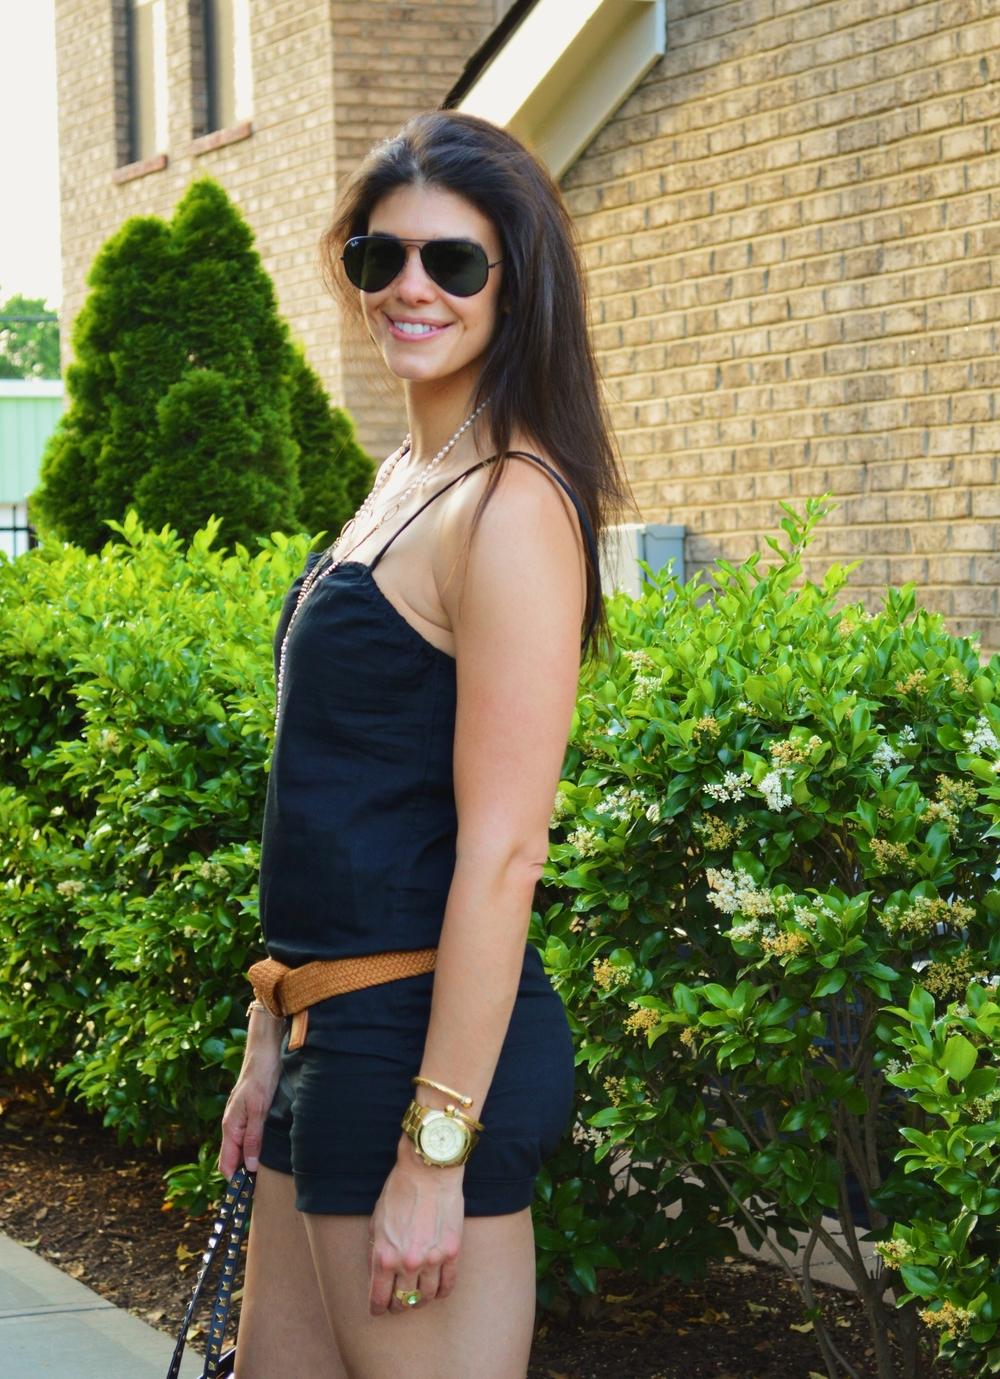 LaurenSchwaiger-Blog-S/S-Style-Black-Romper.jpg